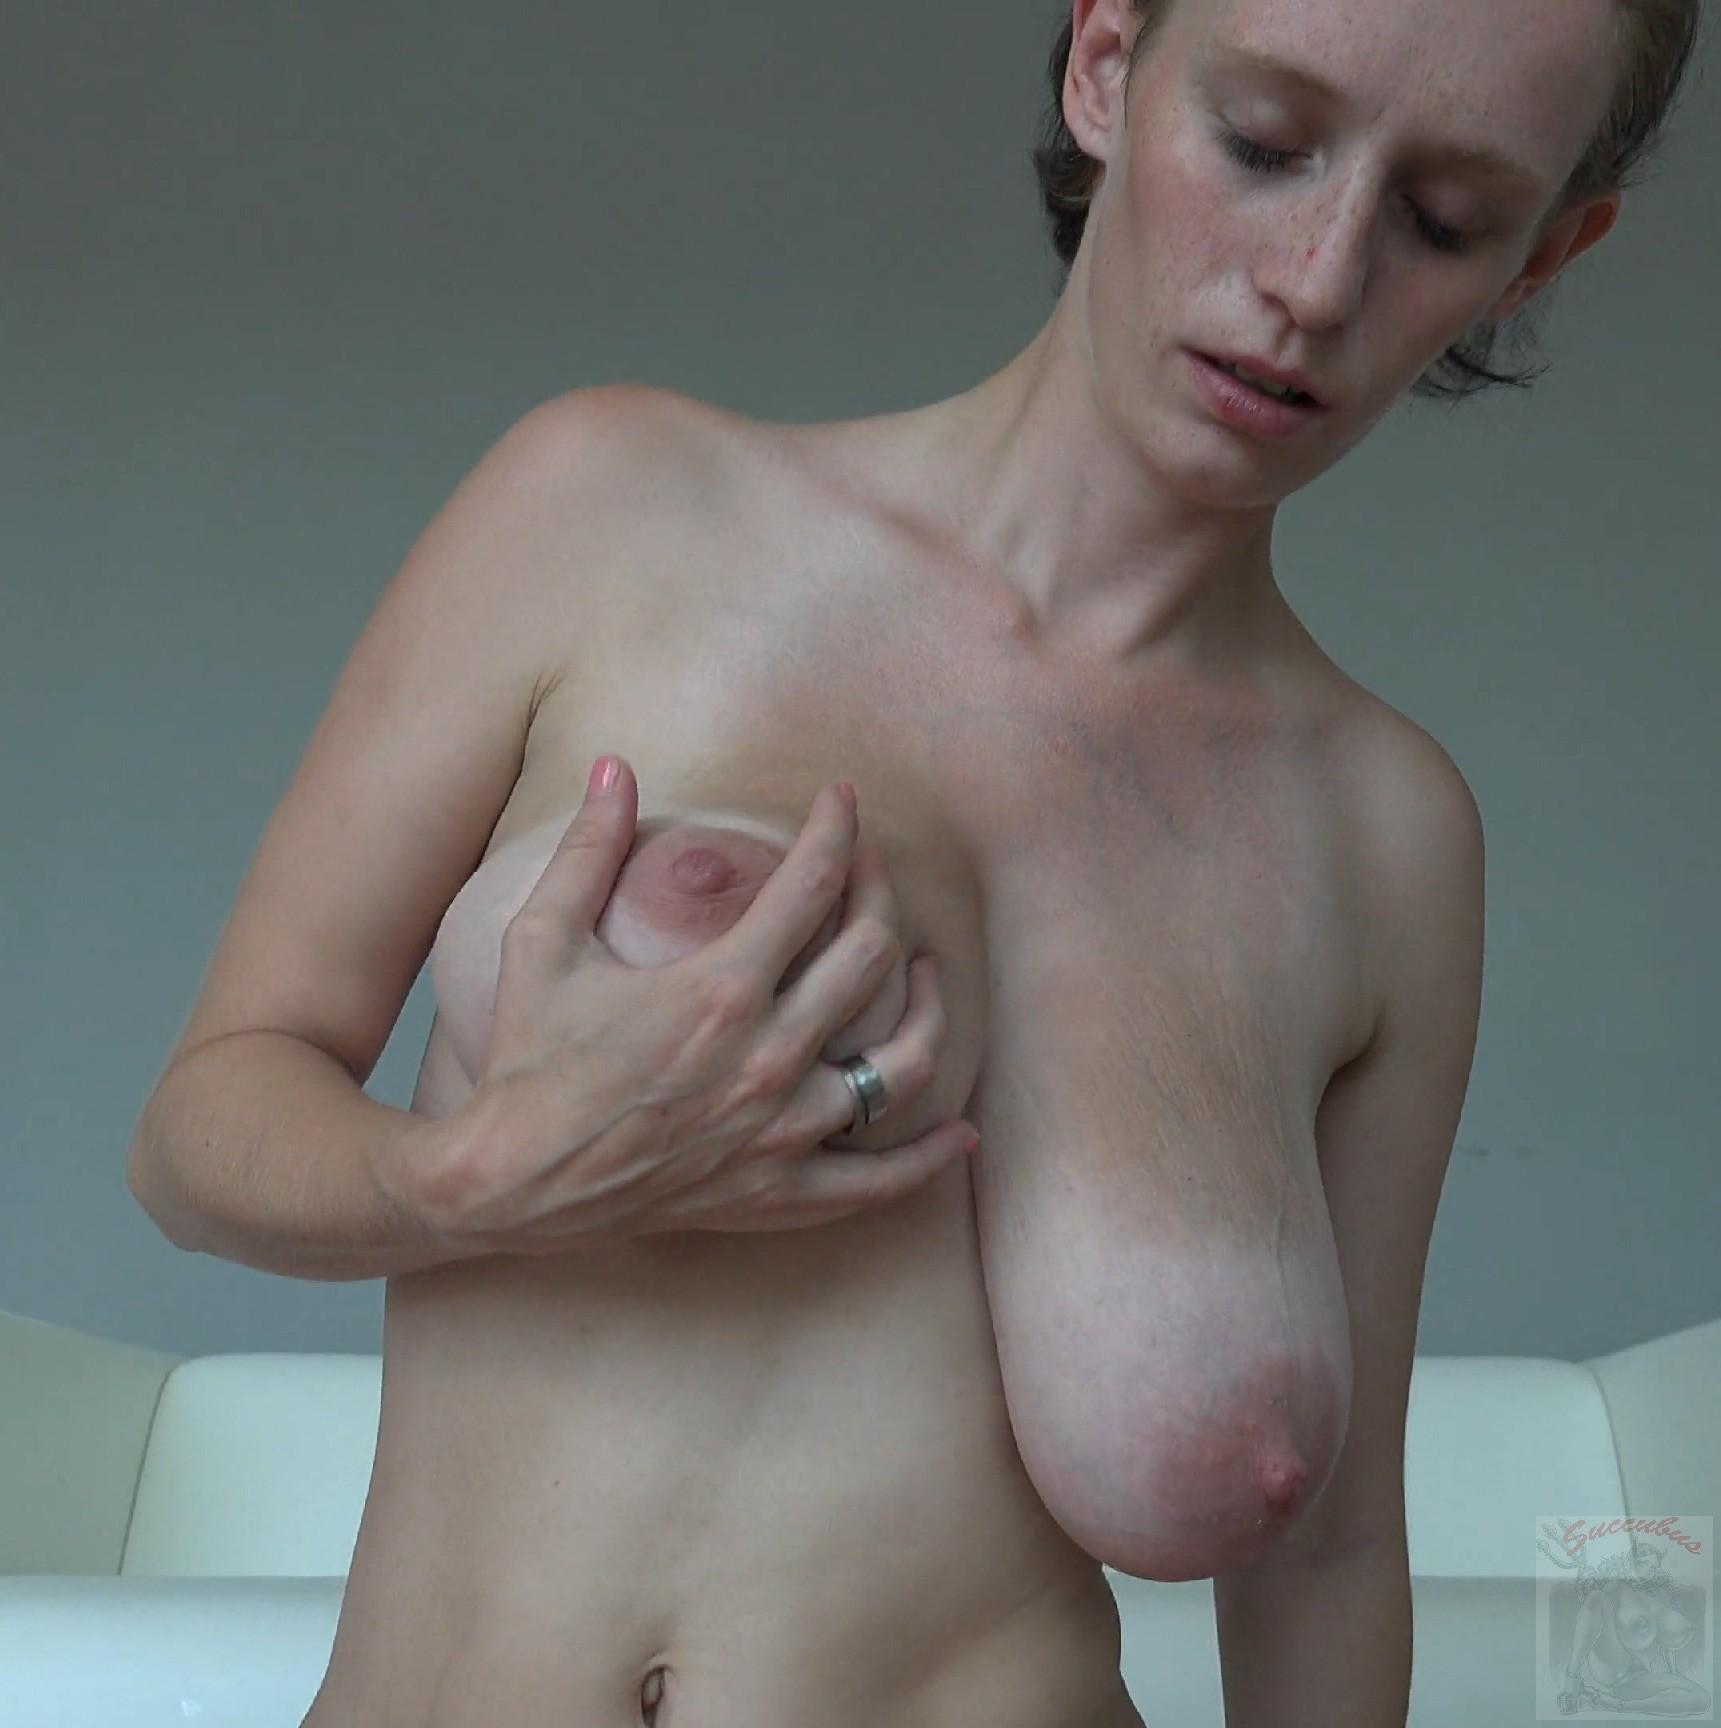 Порно с обвислой грудью, блондинка с большими сиськами и красивой пиздой у гинеколога видео